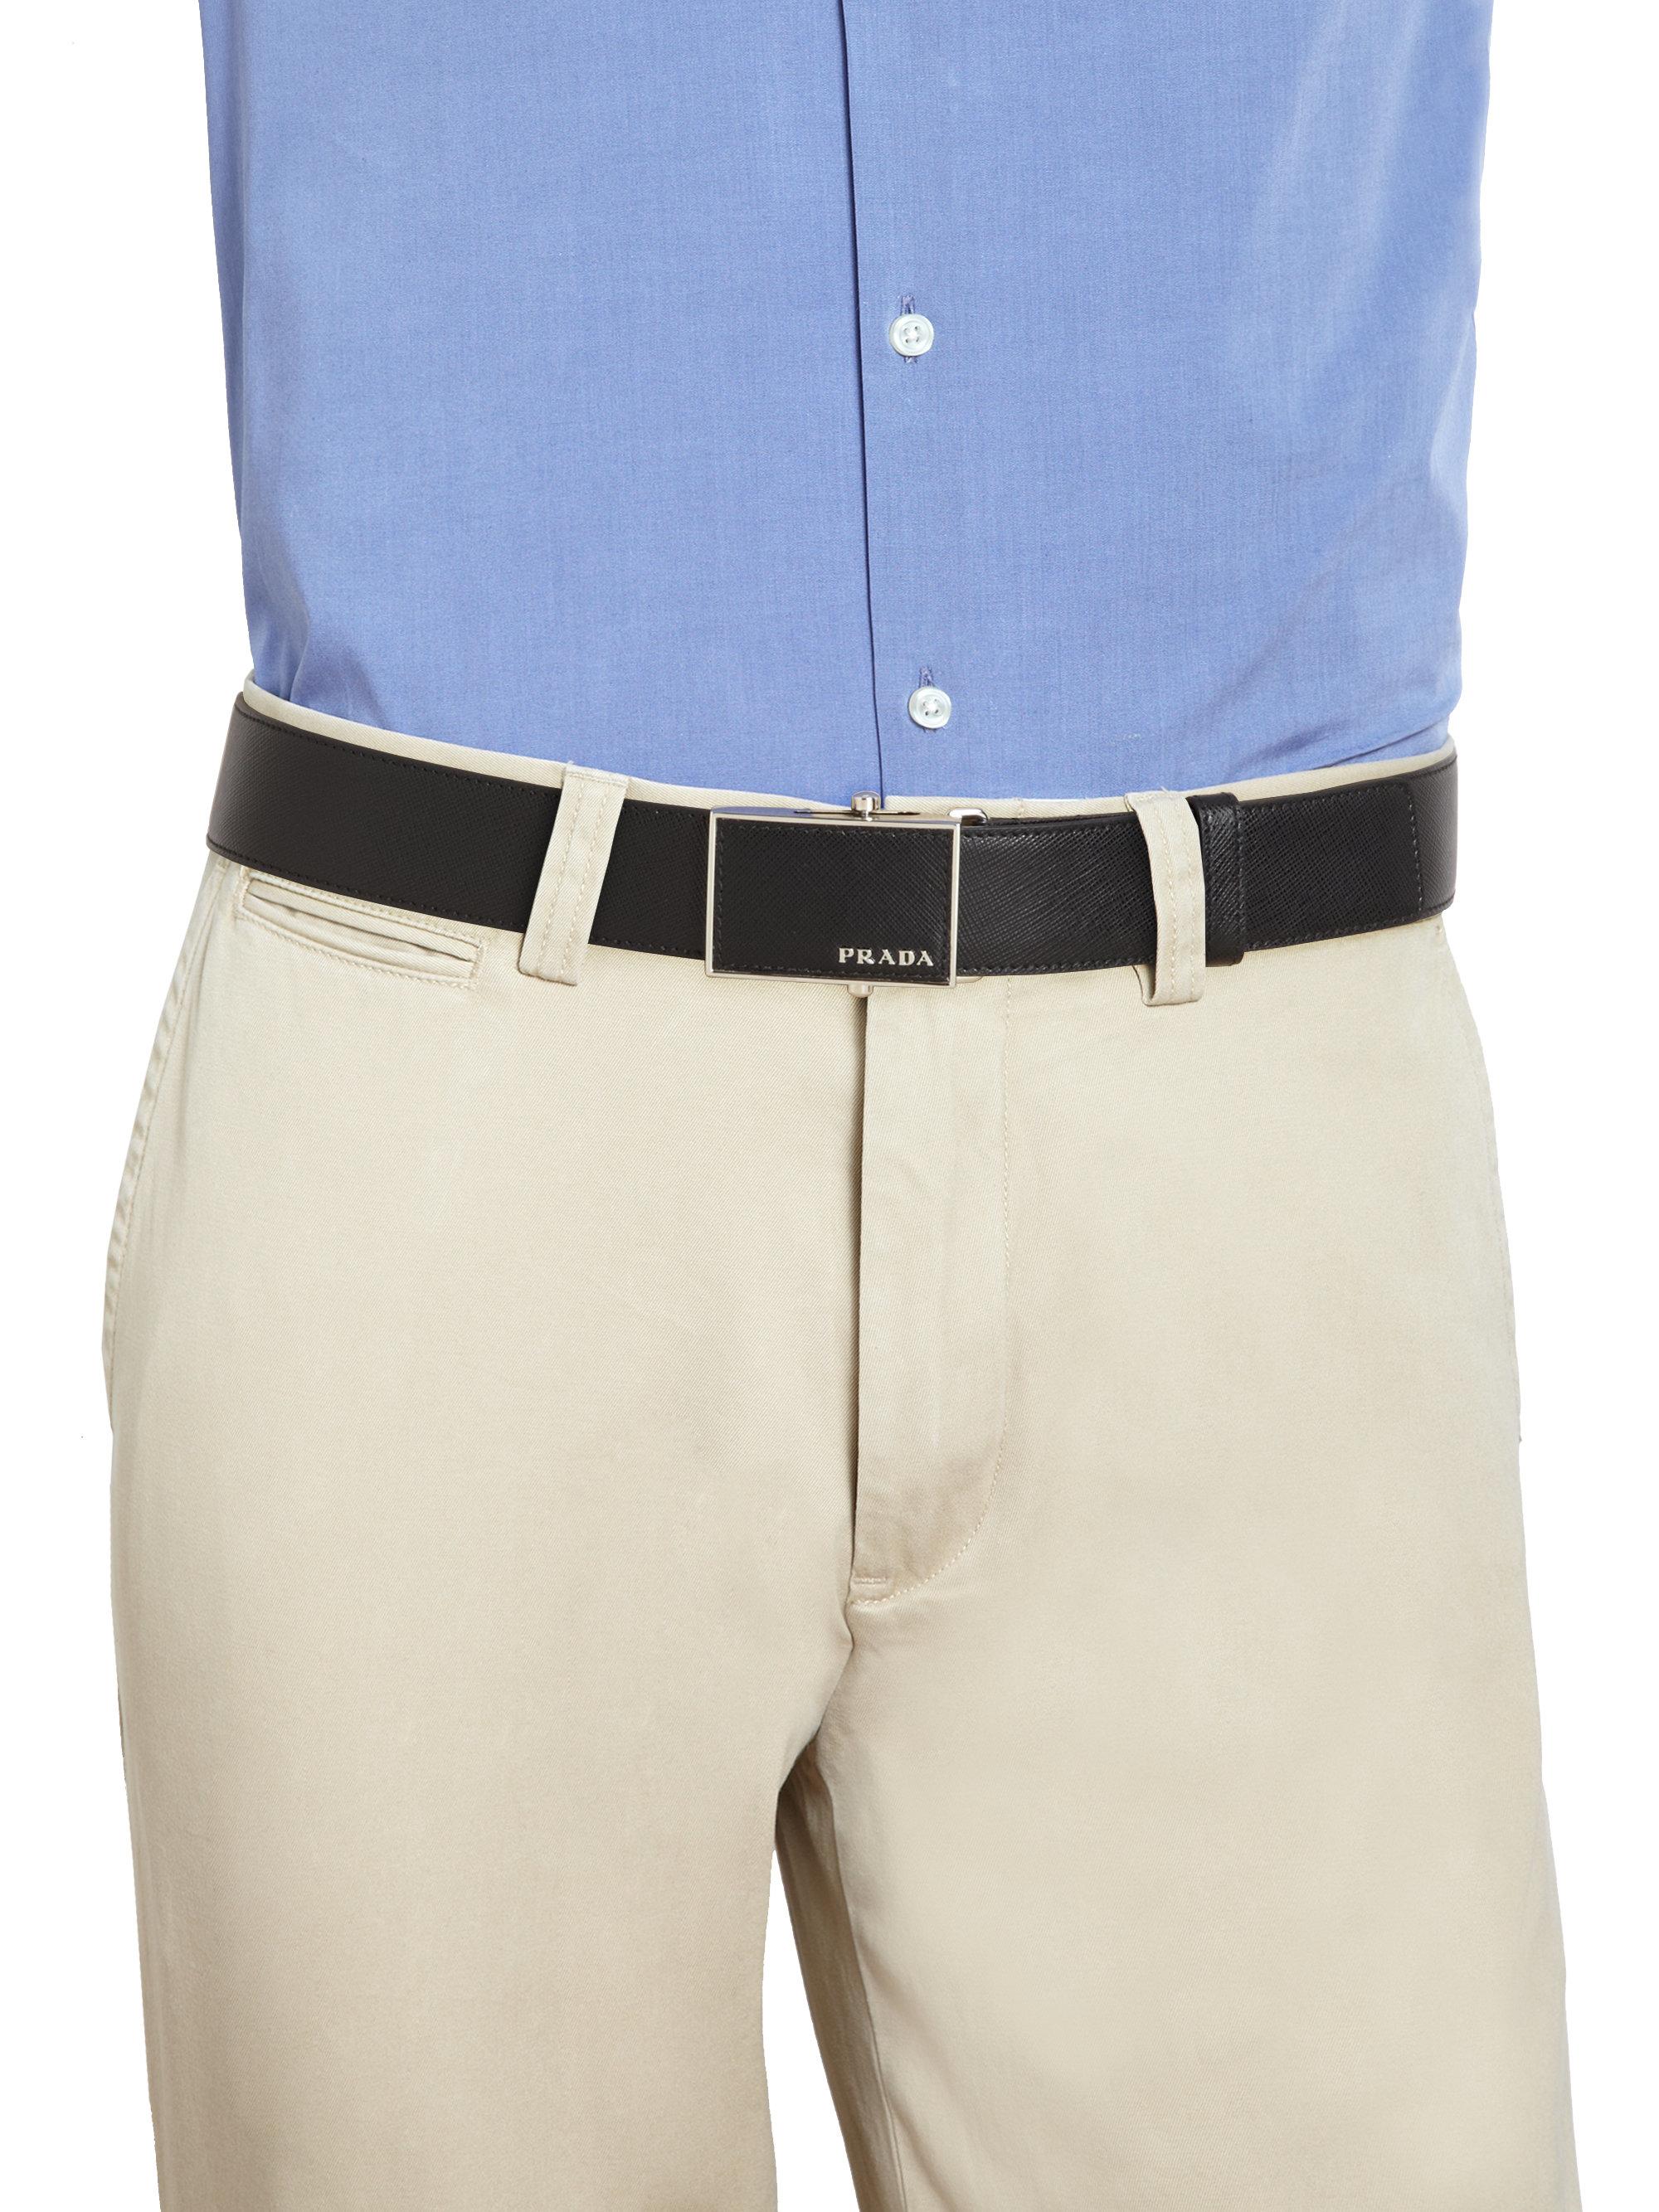 ... reduced lyst prada saffiano leather plaque belt in black for men 66b3b  e1b69 3526e0192eeb3